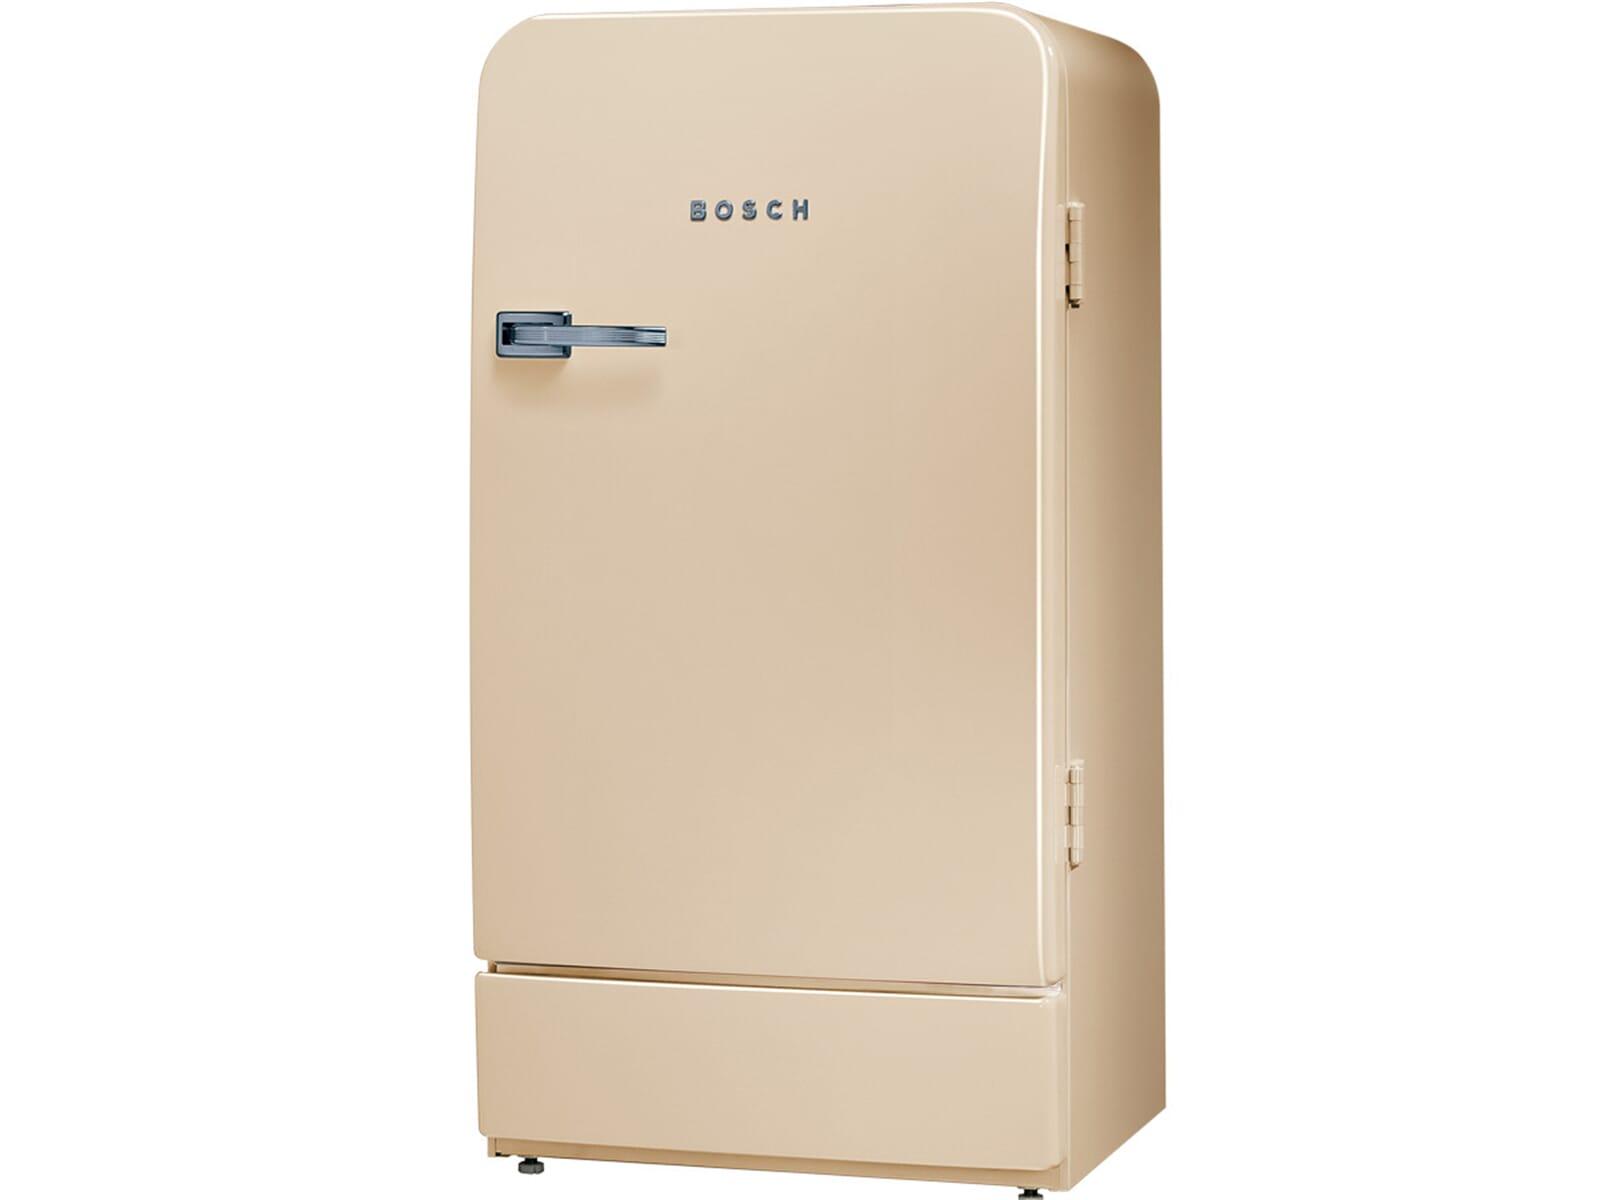 Retro Kühlschrank Ohne Gefrierfach : Retro kühlschrank mit gefrierfach kühlschrank mit eiswürfelspender